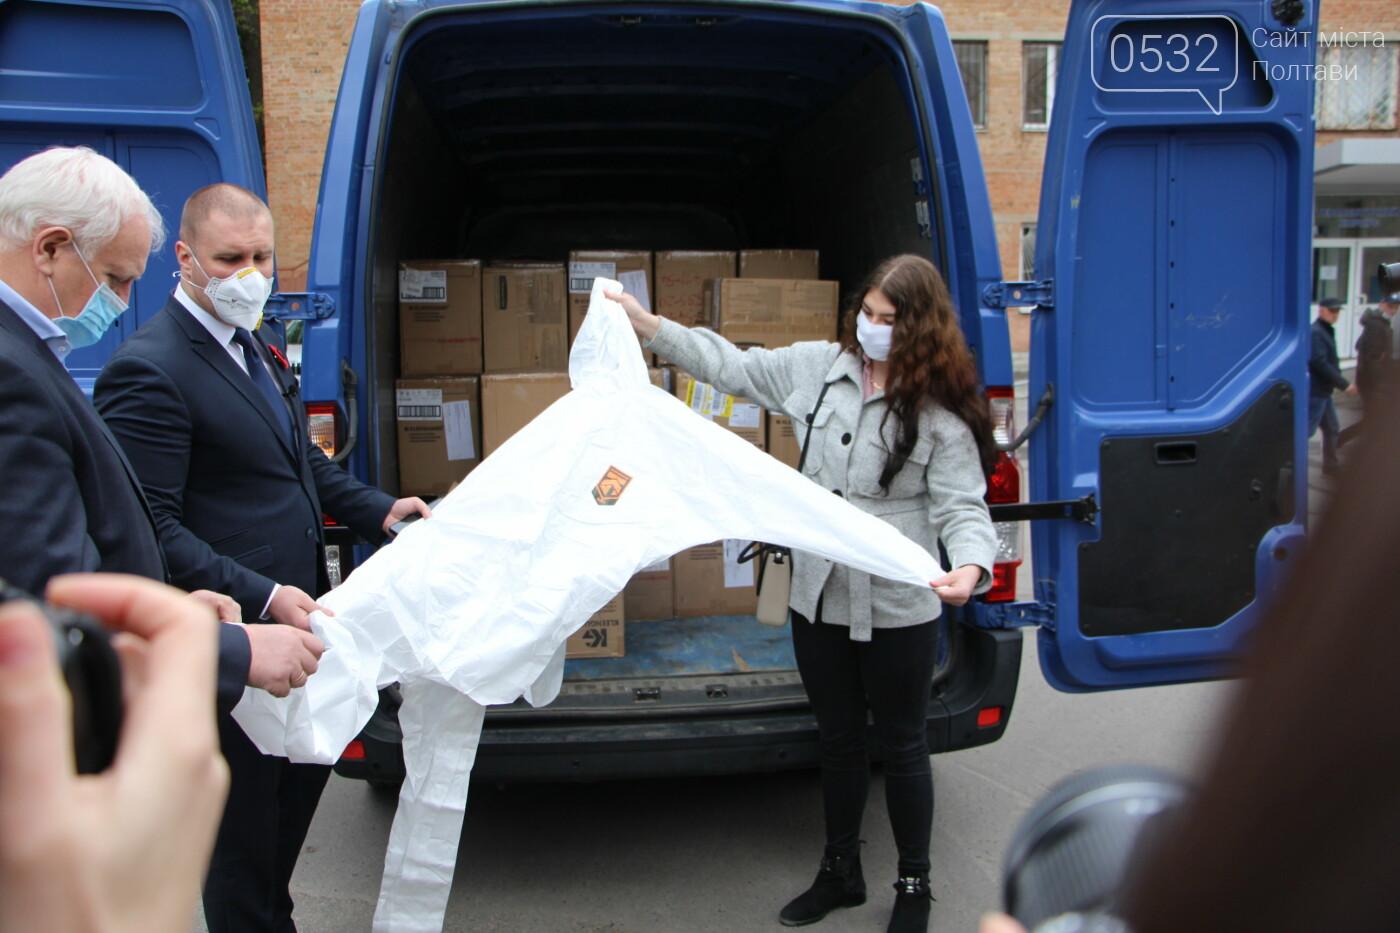 У Полтаві медикам передали тисячі респіраторів та костюмів біозахисту, фото-7